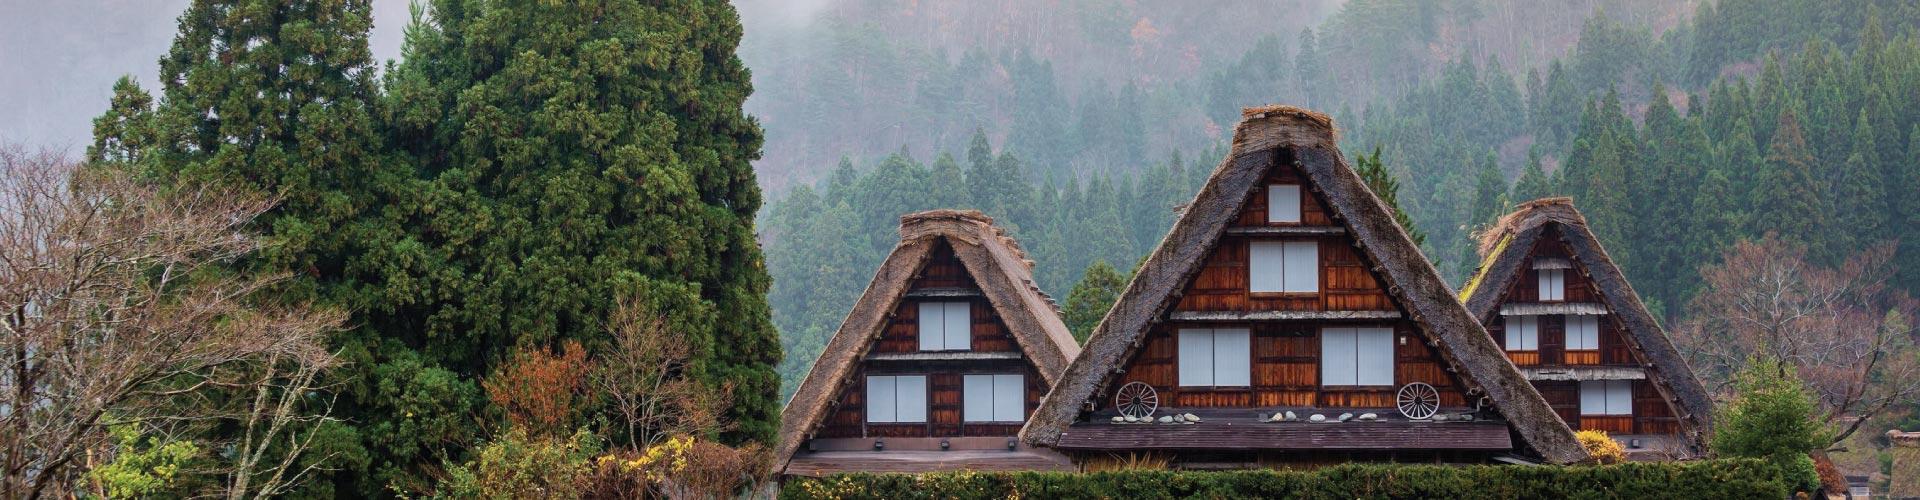 Tokyo +  Heritage Takayama & Shirakawa-go